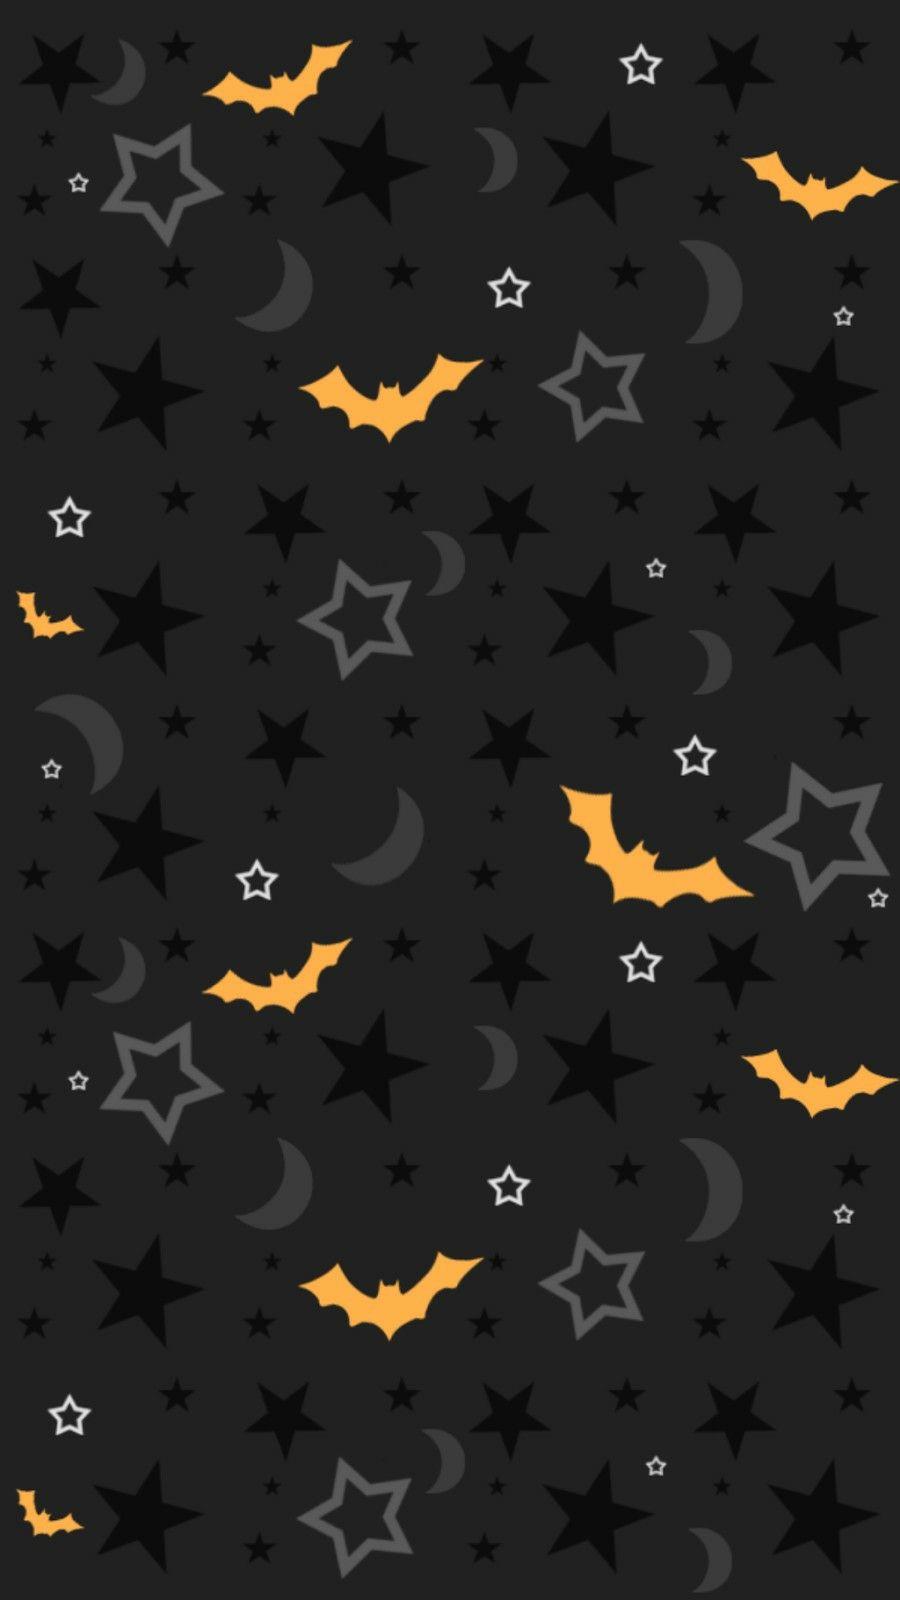 Halloween iPhone wallpaper Halloween Halloweenilycom in 2019 900x1600